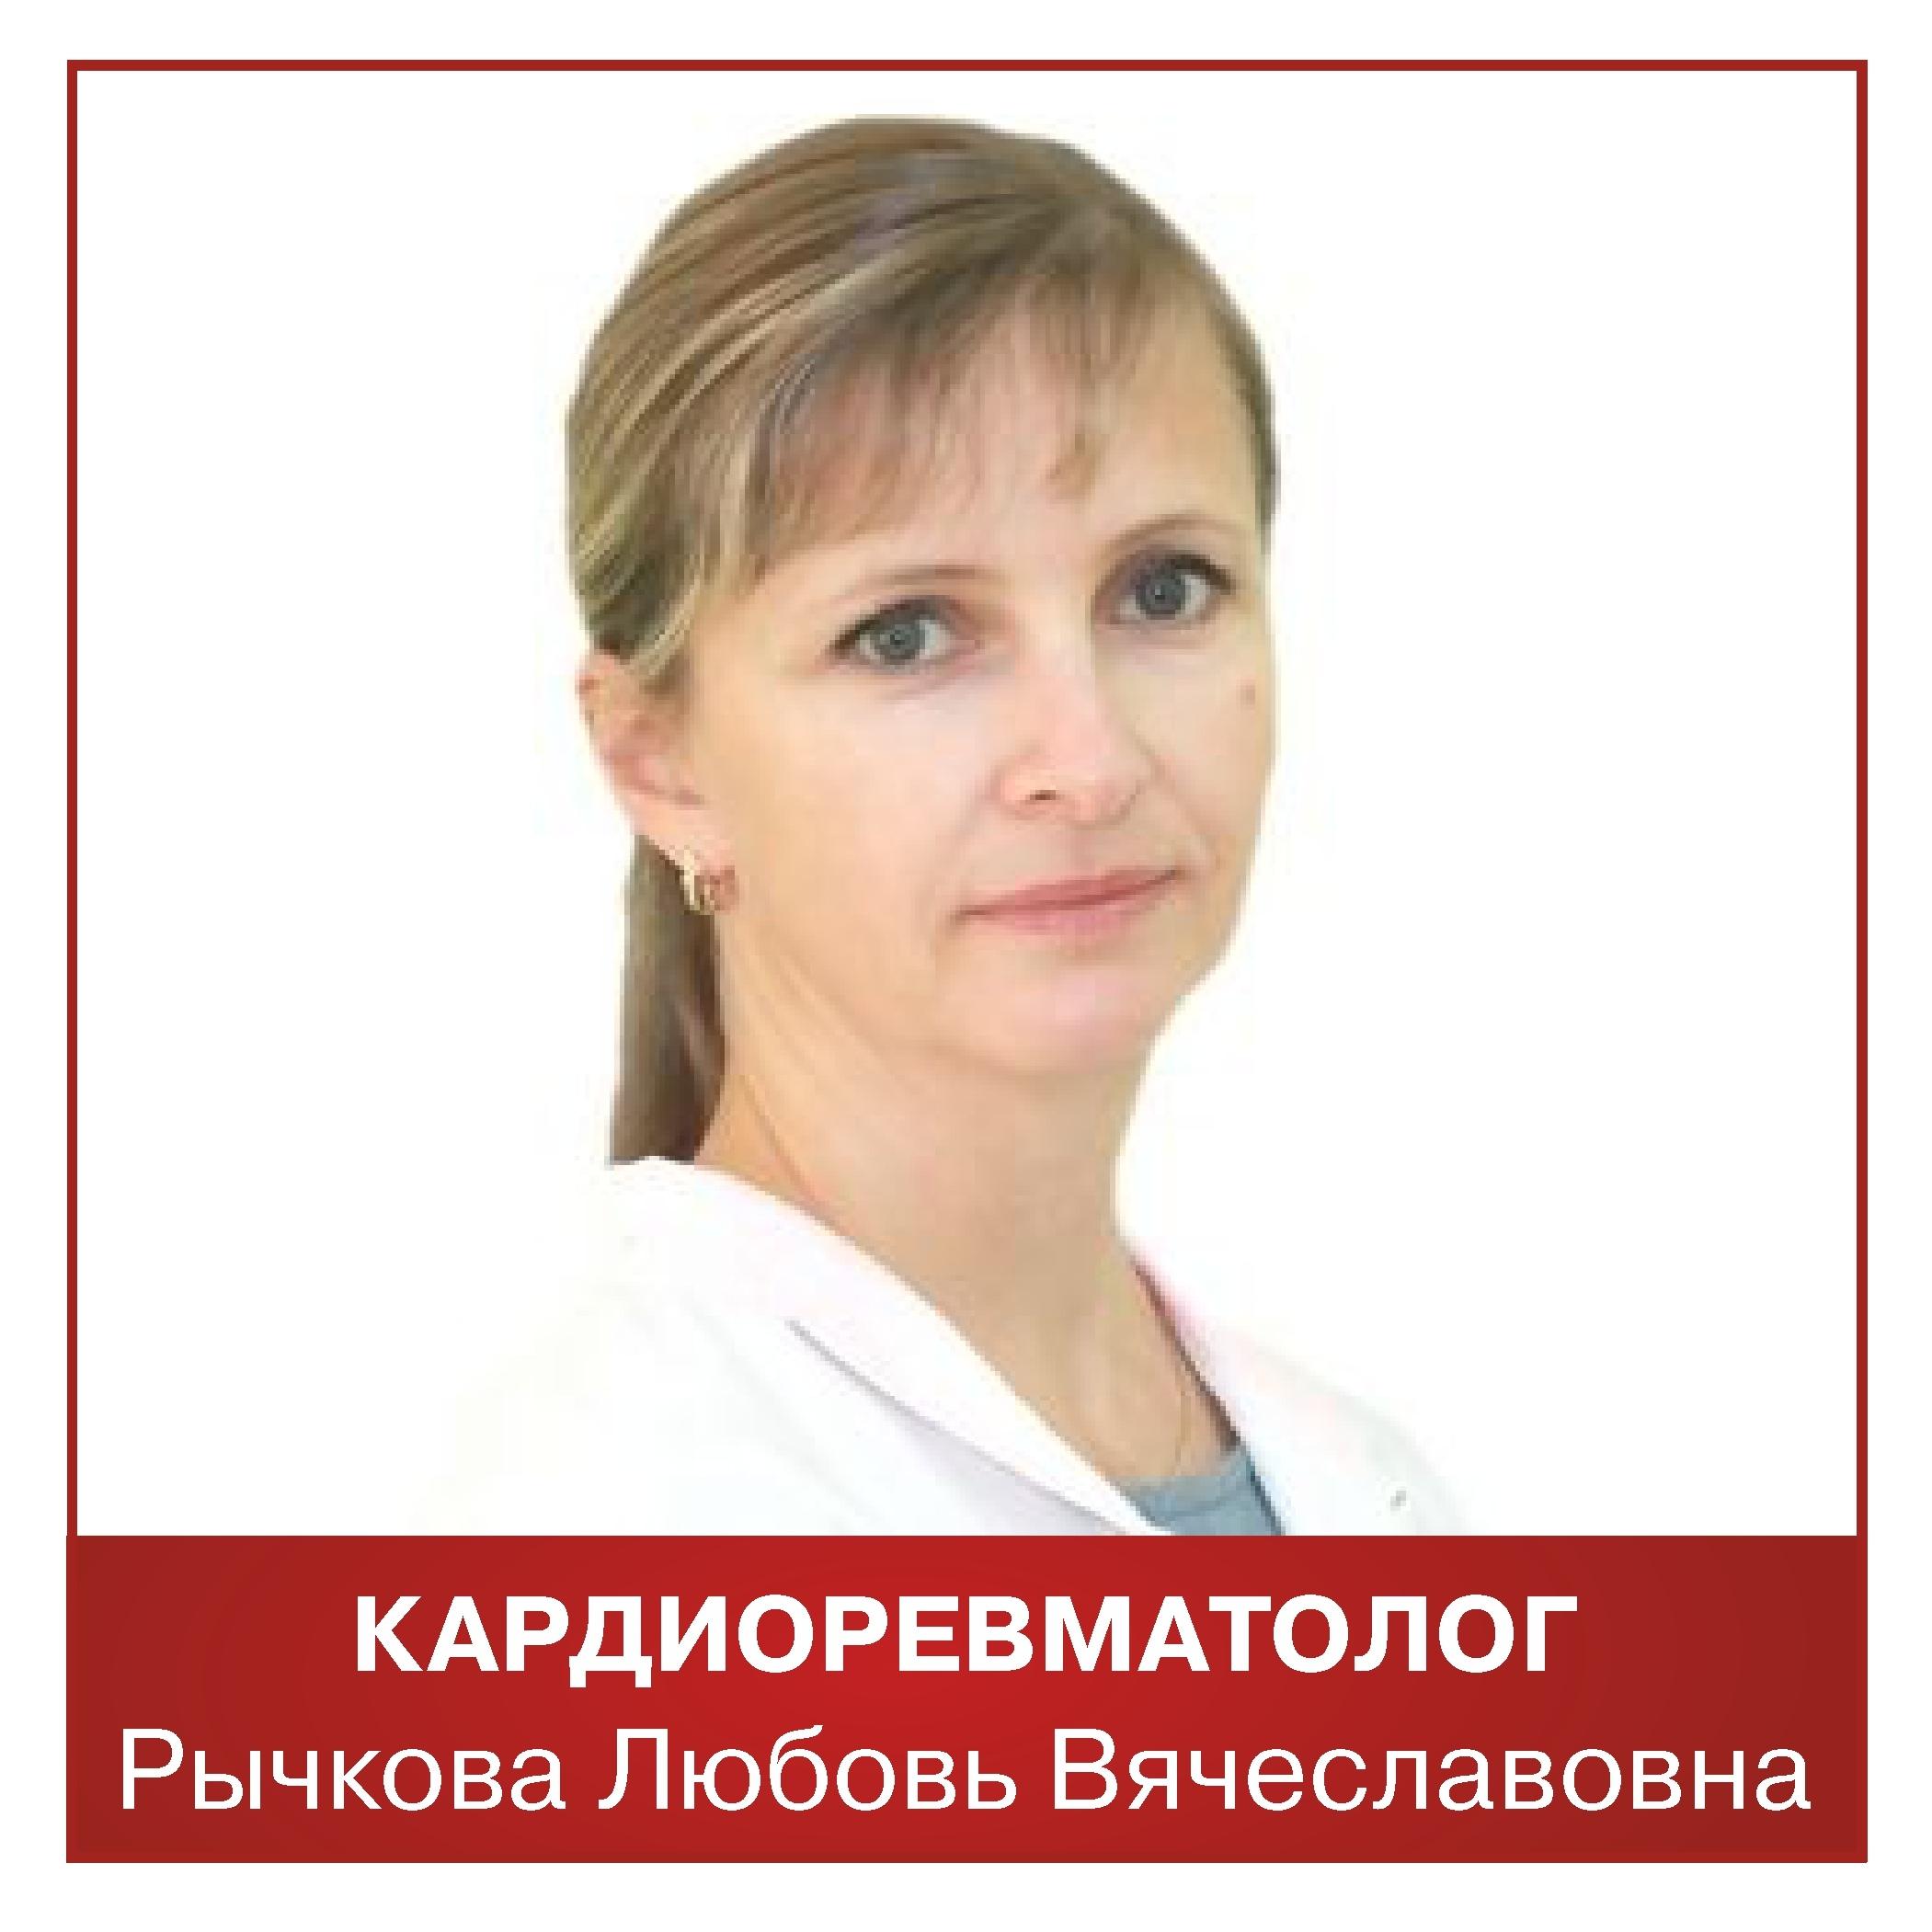 Врач кардиоревматолог Рычкова Любовь Вячеславовна г. Ижевск.